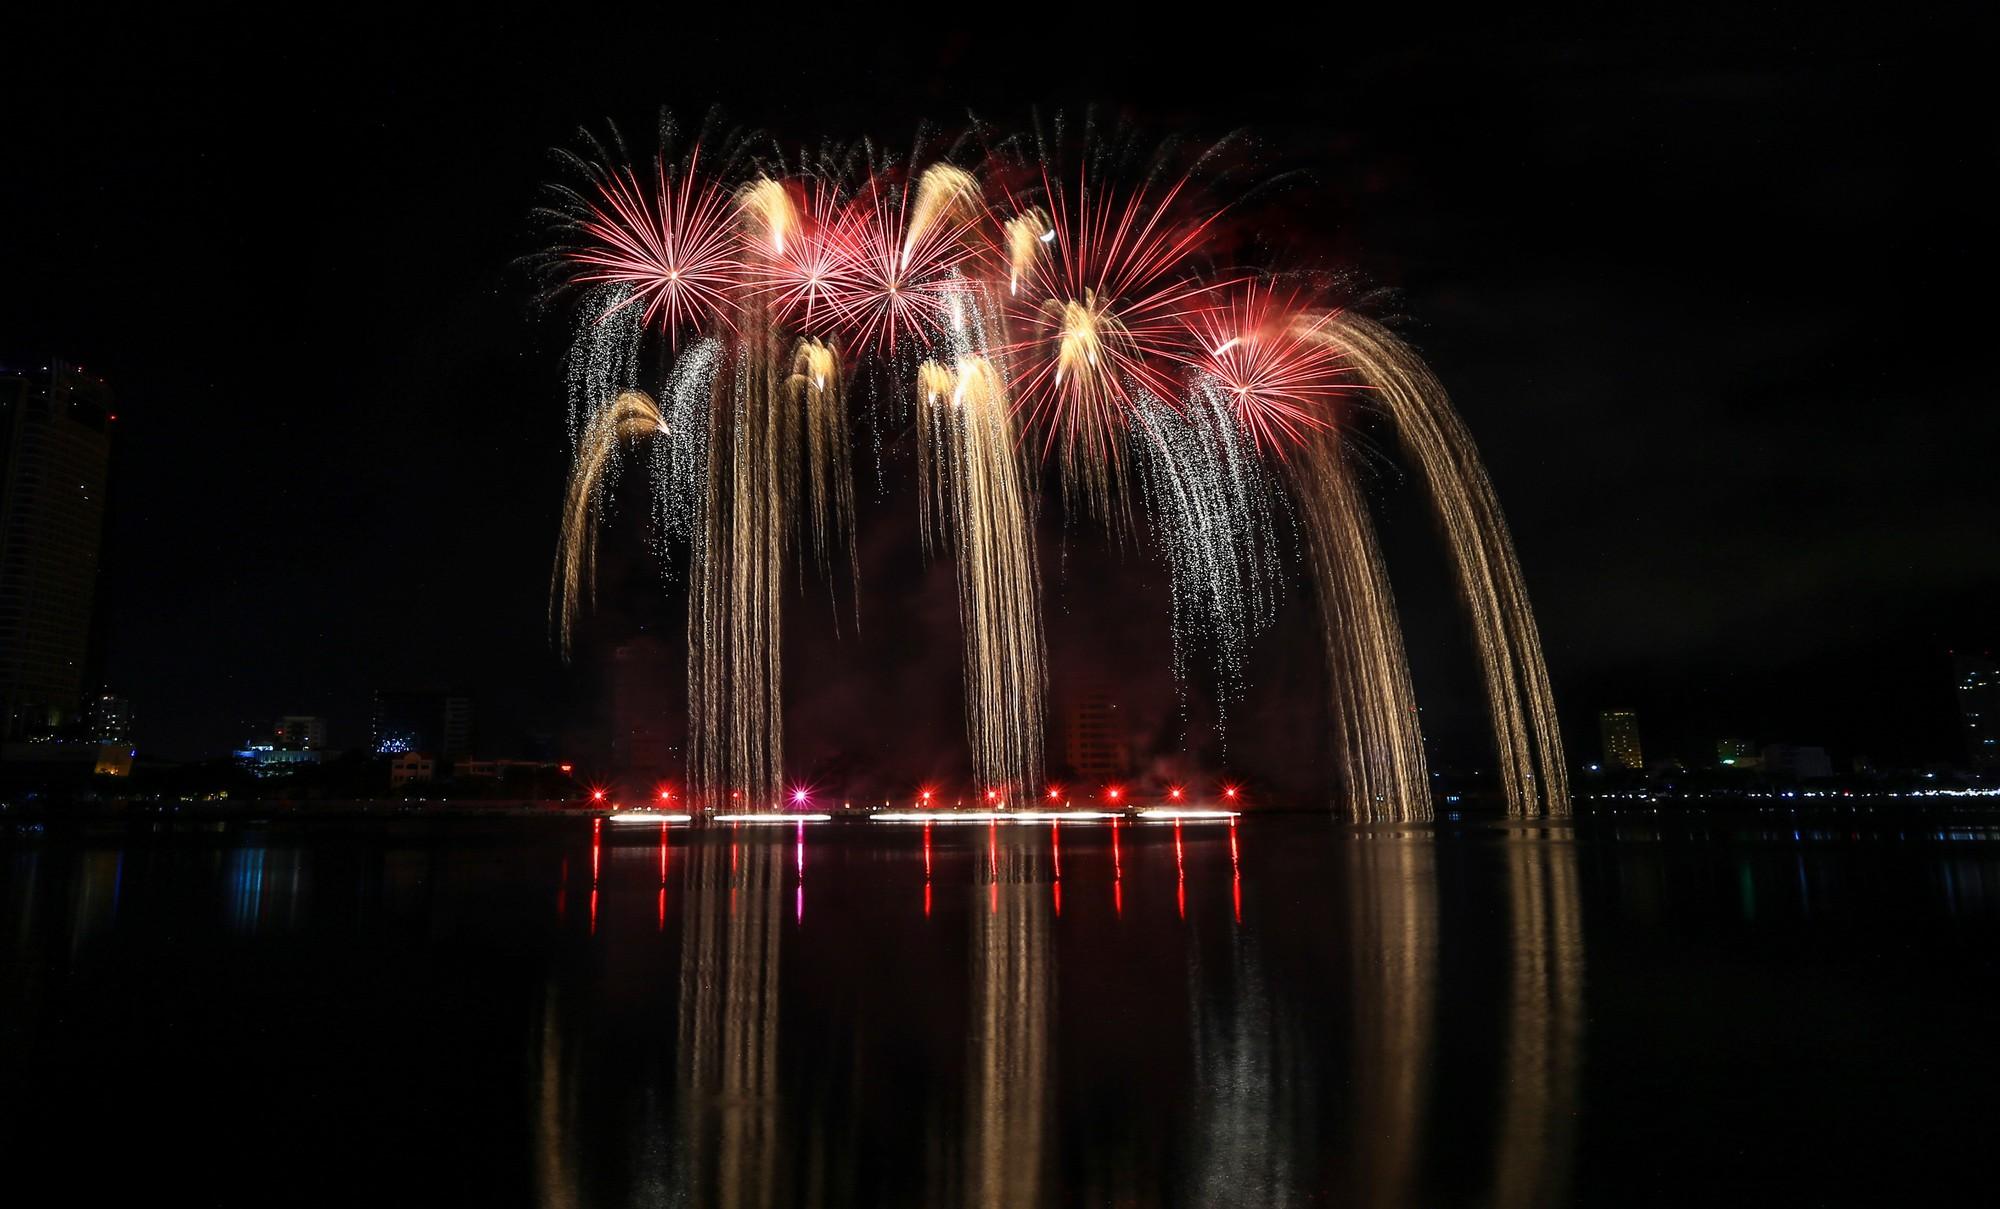 Brasil và Bỉ gửi thông điệp tình yêu bằng ánh sáng pháo hoa trên sông Hàn - Ảnh 11.